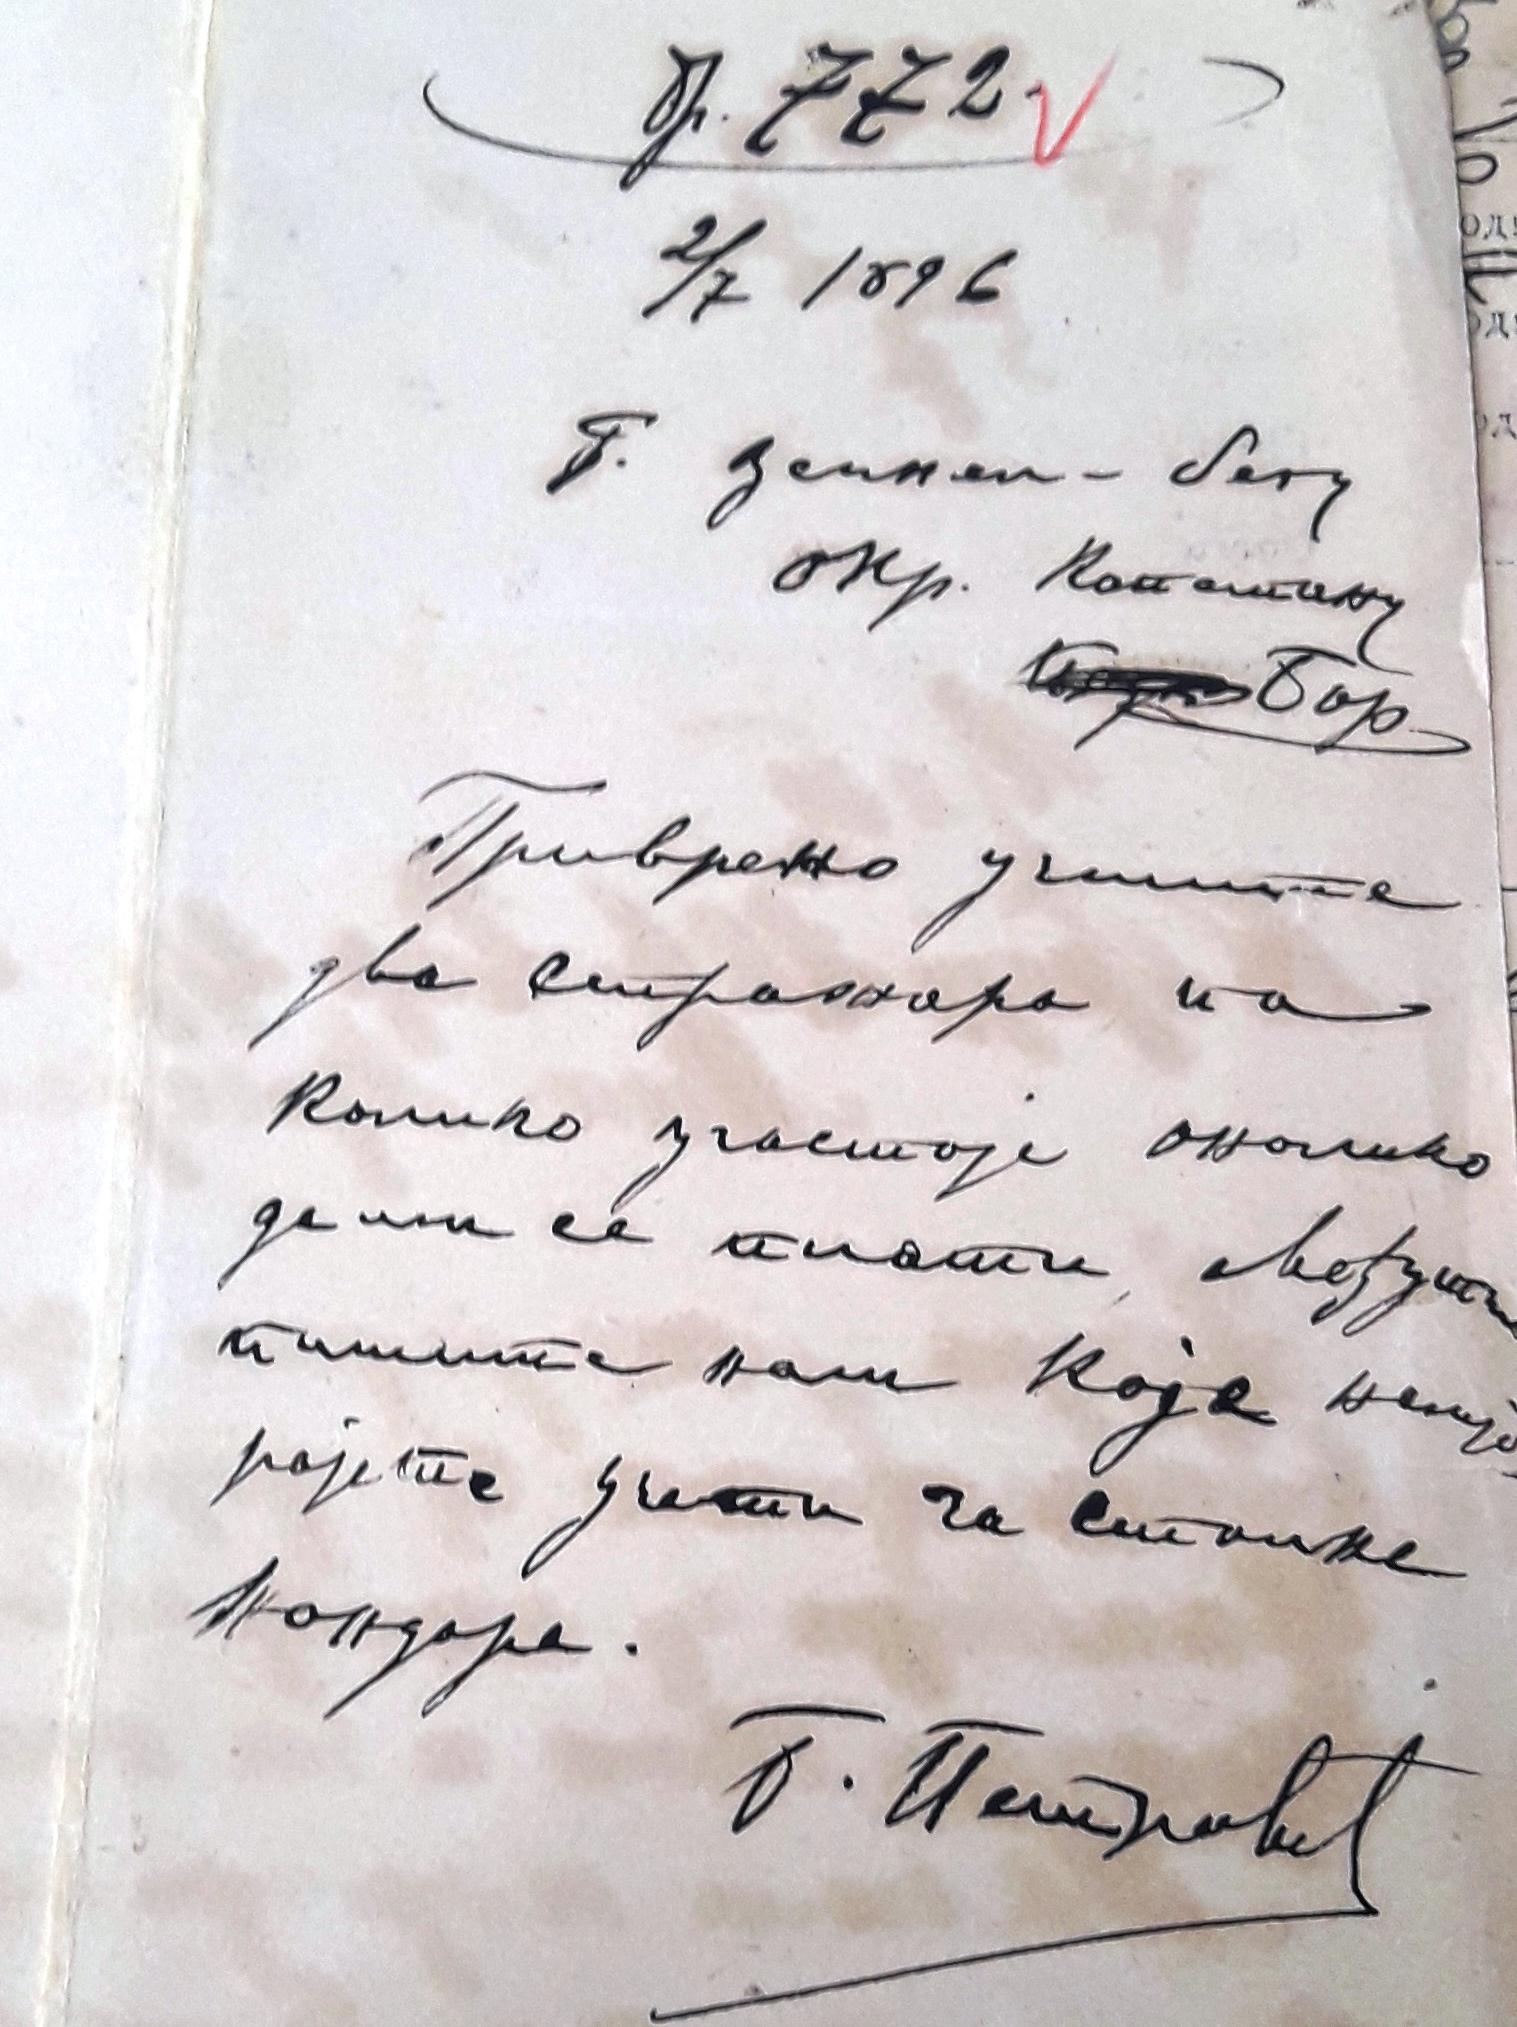 9. Odobrenje barskom kapetanu Zejnel begu da zaposli žandarme, jul 1896.